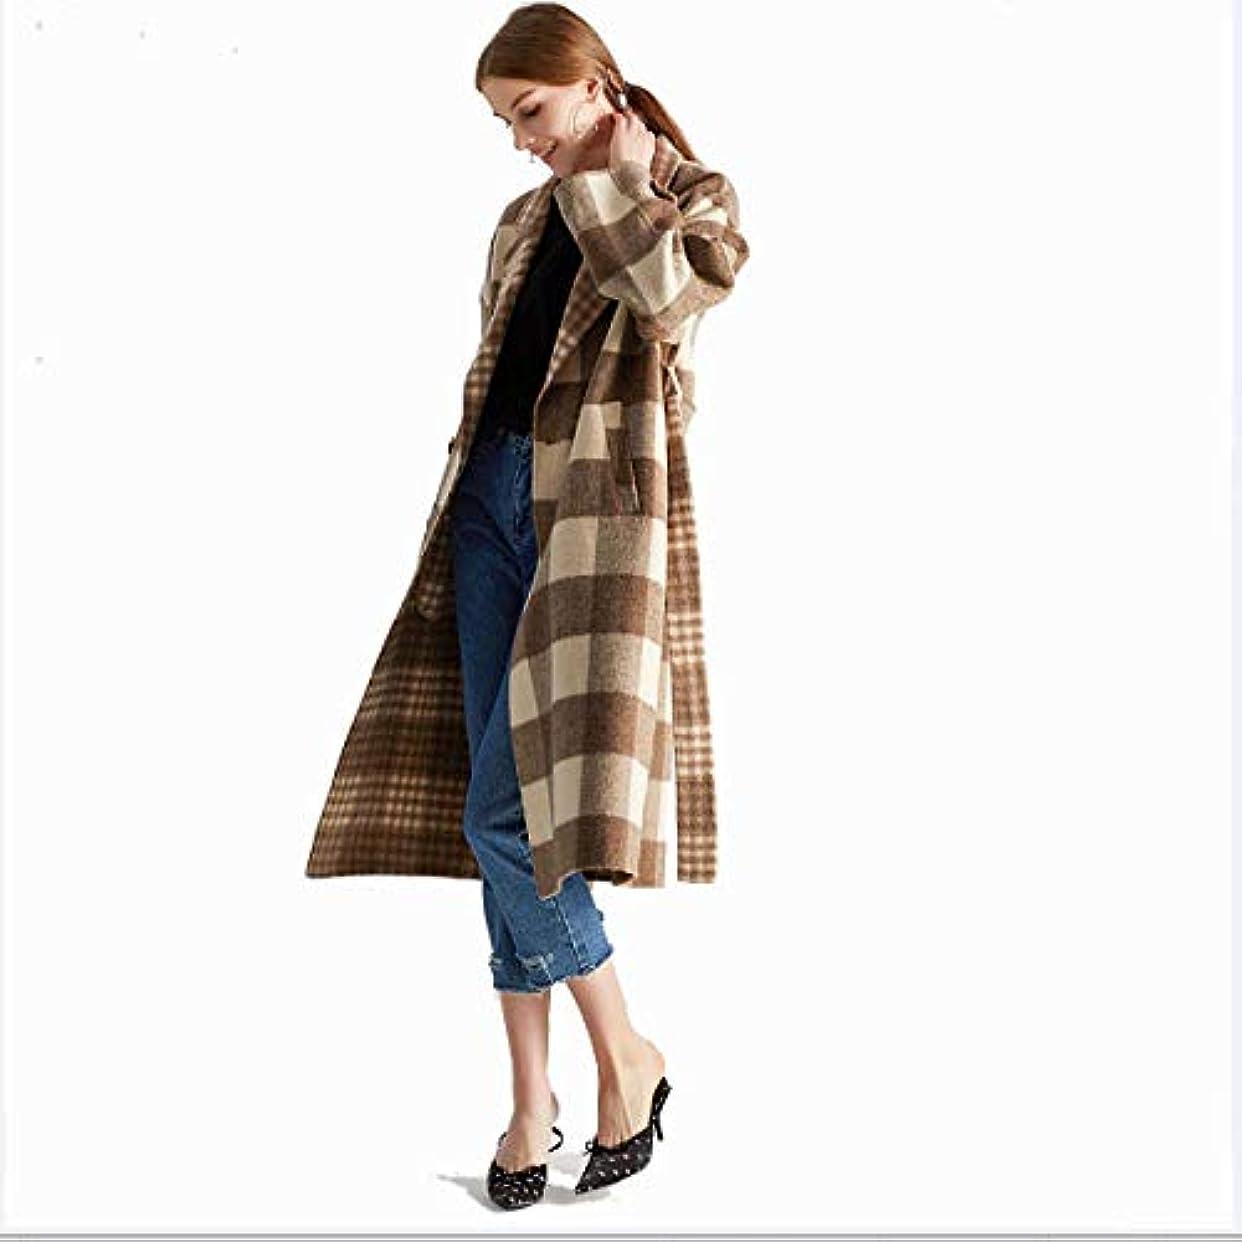 サンダル掃除鉛筆ロングコート、タータンチェックの両面カシミヤのコート手作りのウールコートウールドレス婦人服,L